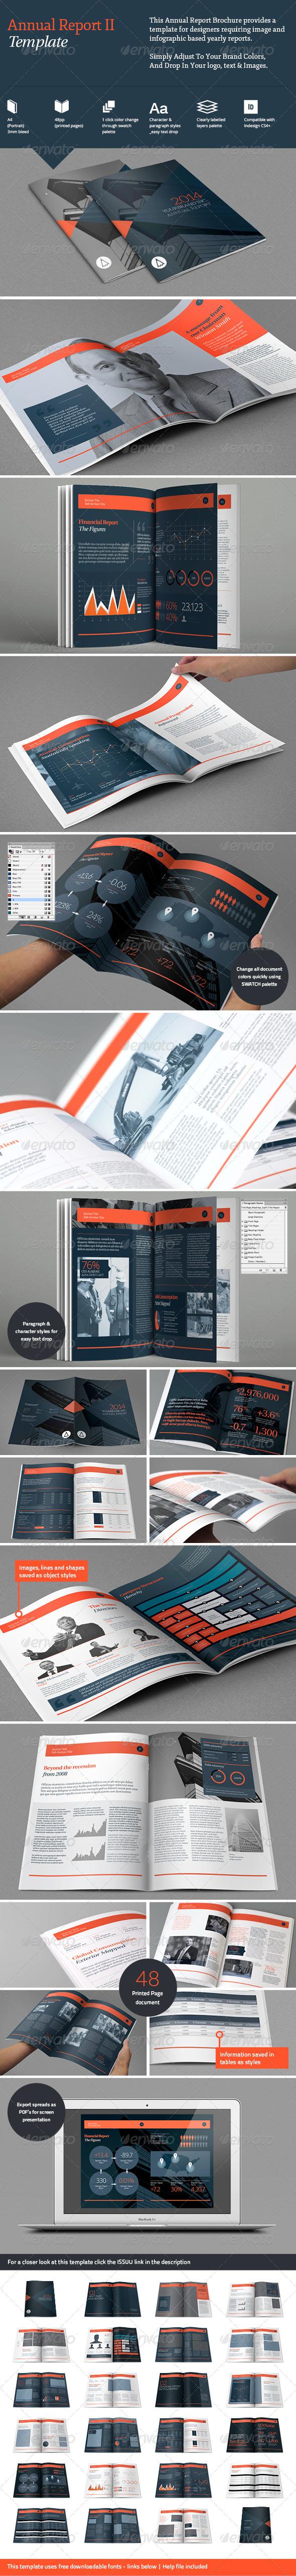 GraphicRiver Annual Report II 5674683